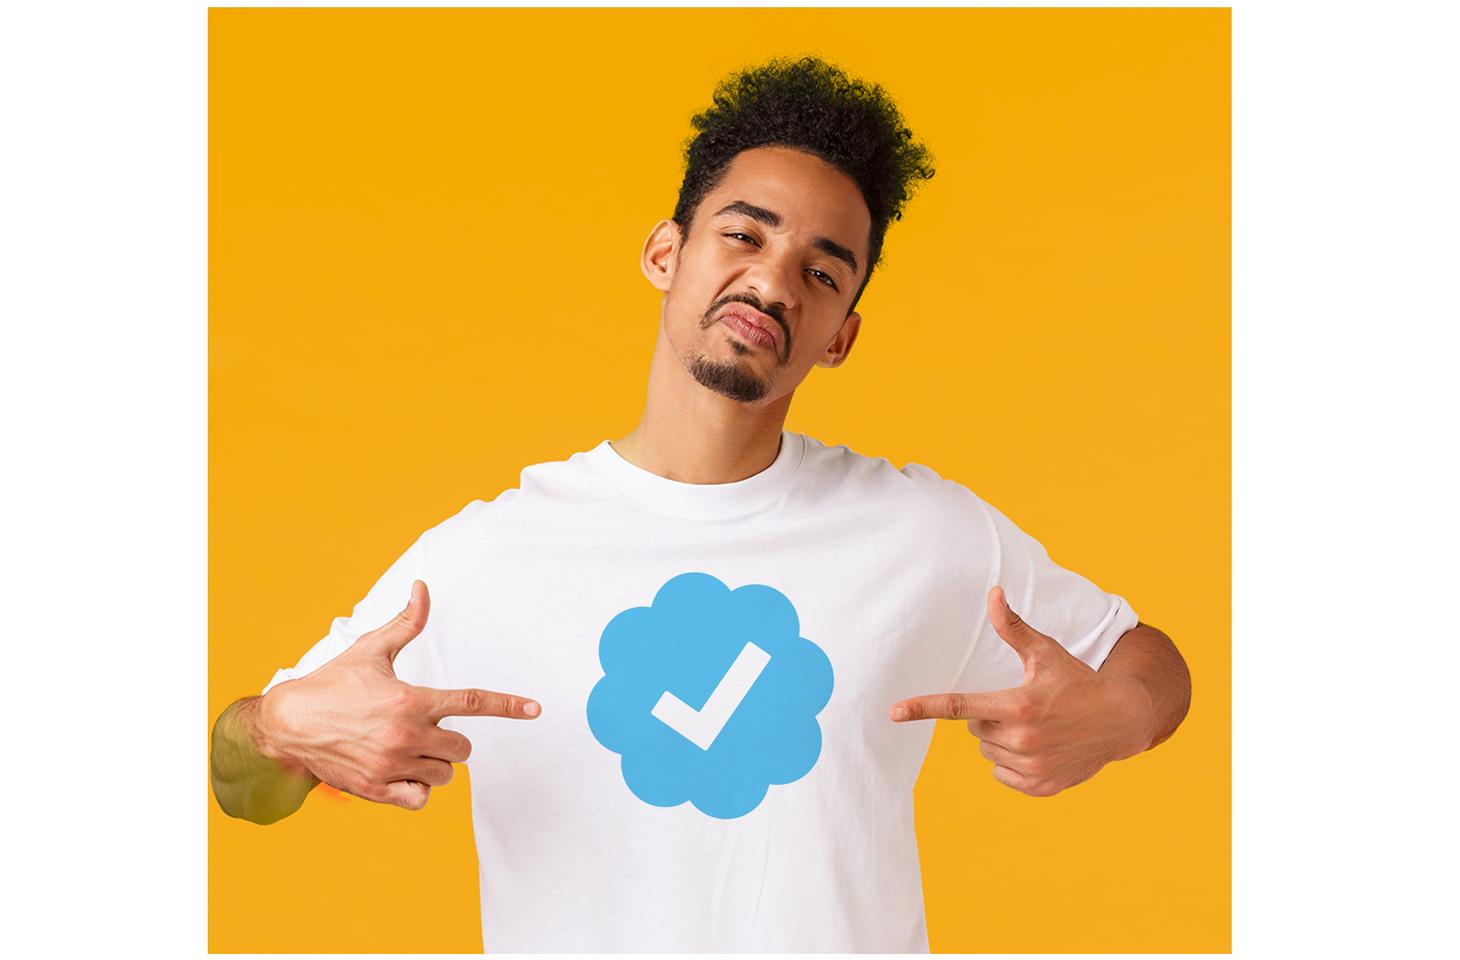 Betrug mit gefälschten Markenkonten auf Twitter vermeiden